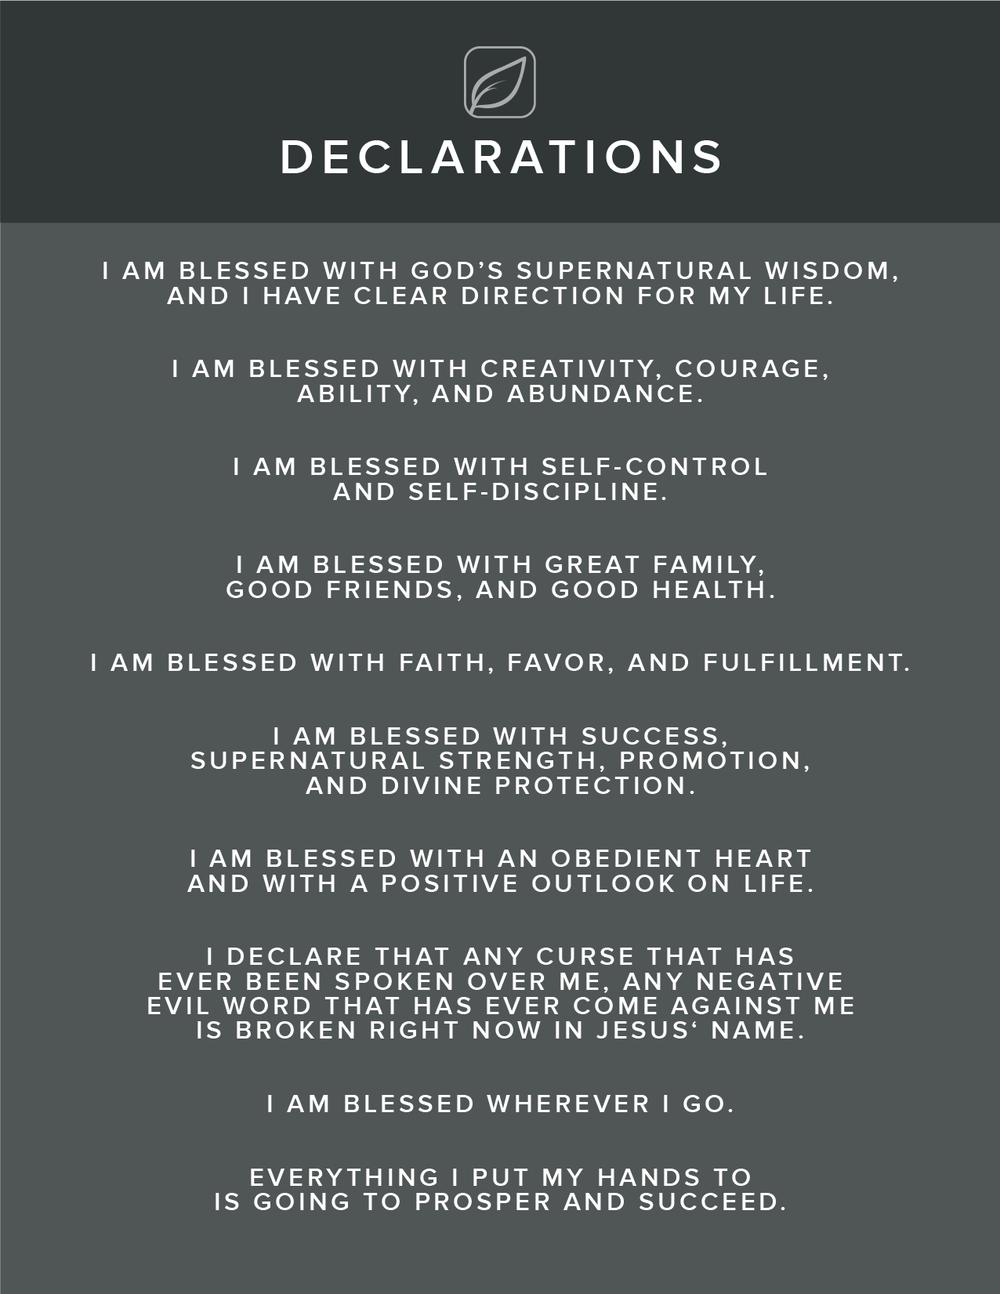 Declarations-06.png